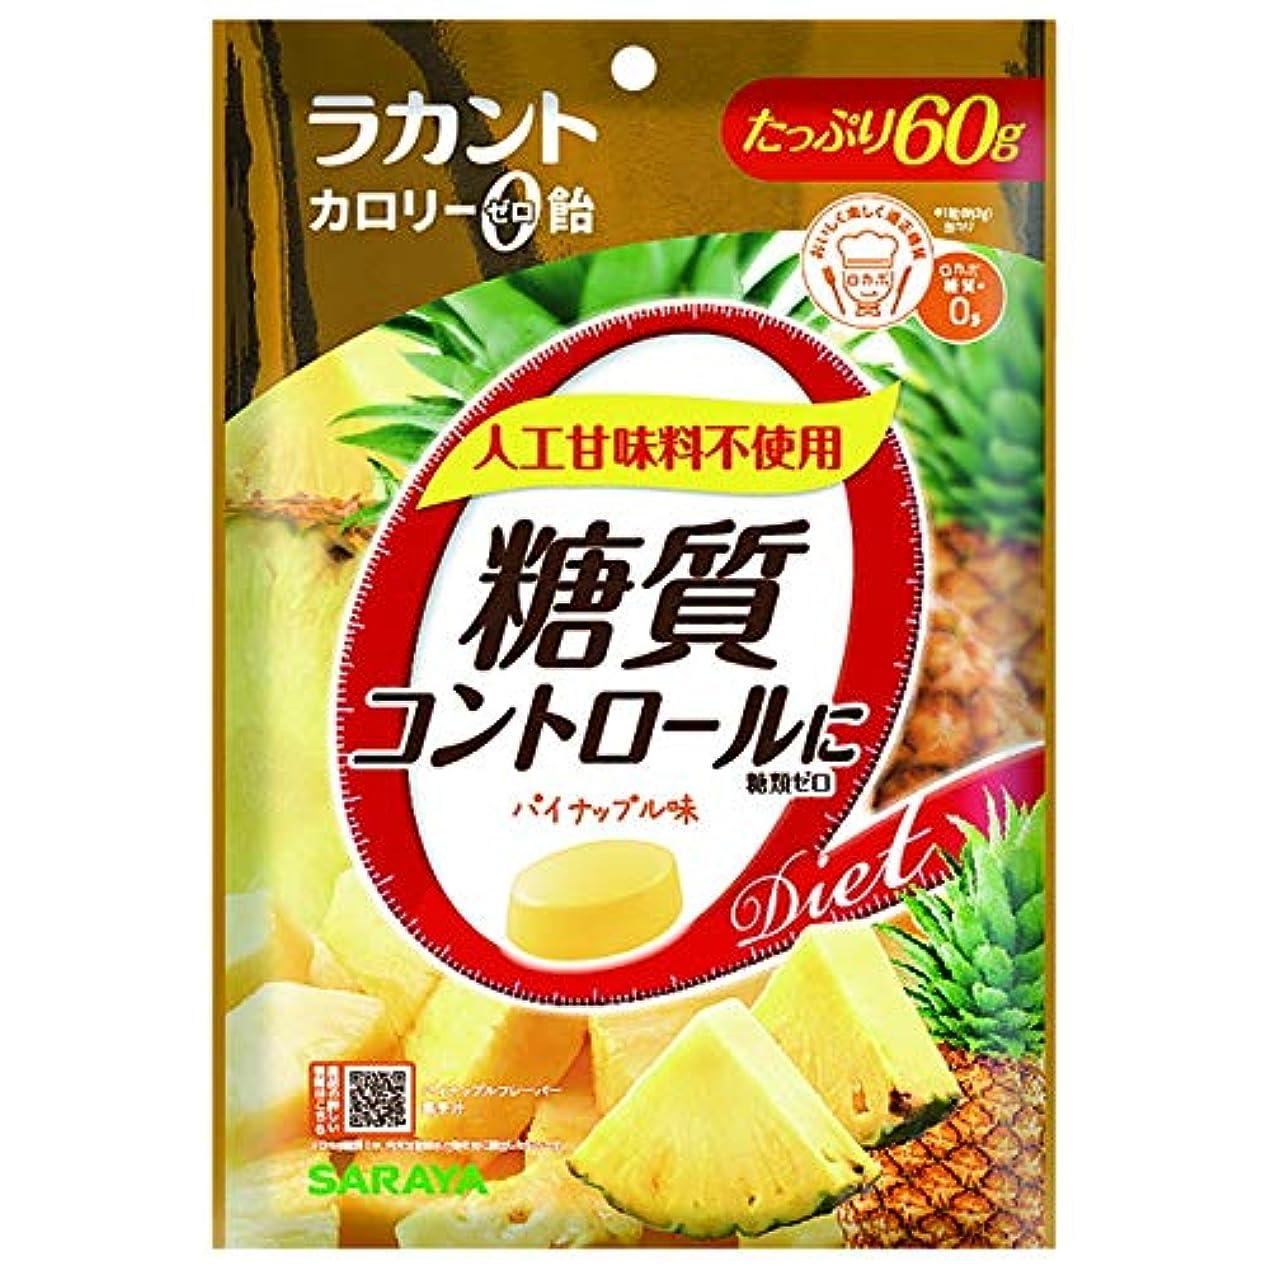 主要な知覚間隔ラカント カロリーゼロ飴 パイナップル 60g【3個セット】